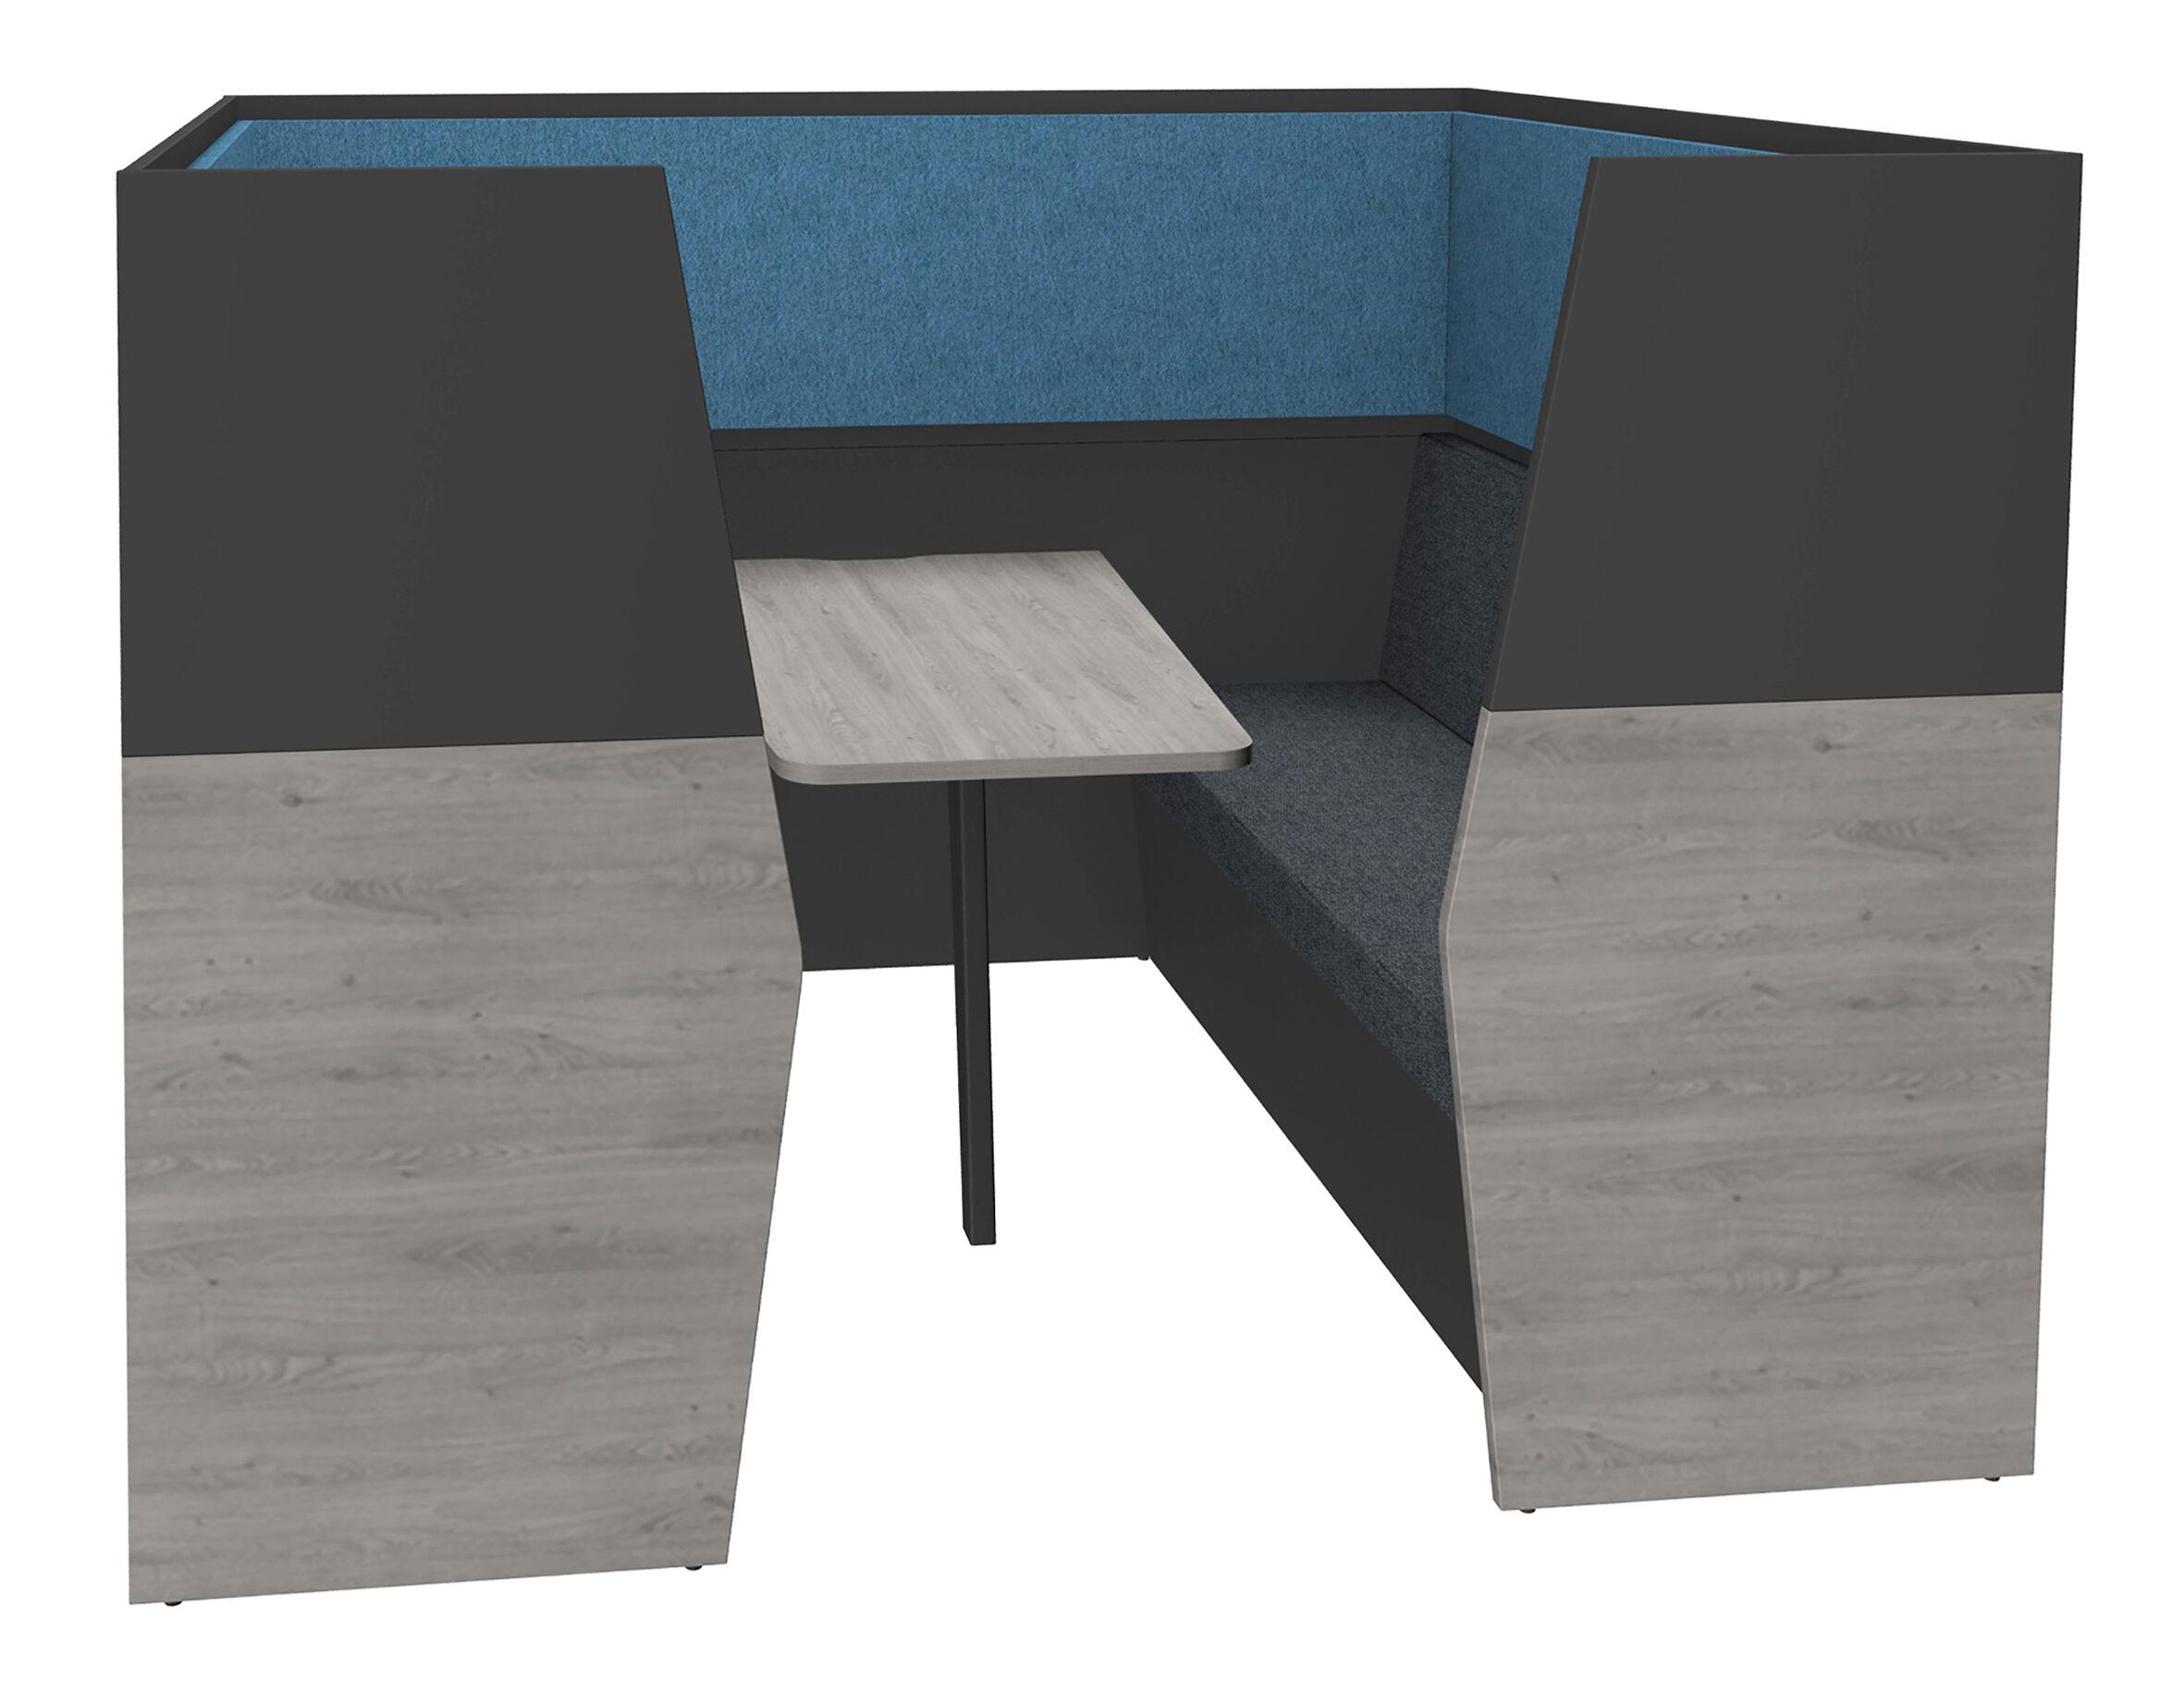 Box acoustique IN'TEAM - L210 x H 150 x P170 cm - 6 places avec table - structure chêne gris et carbone - panneaux bleu chiné